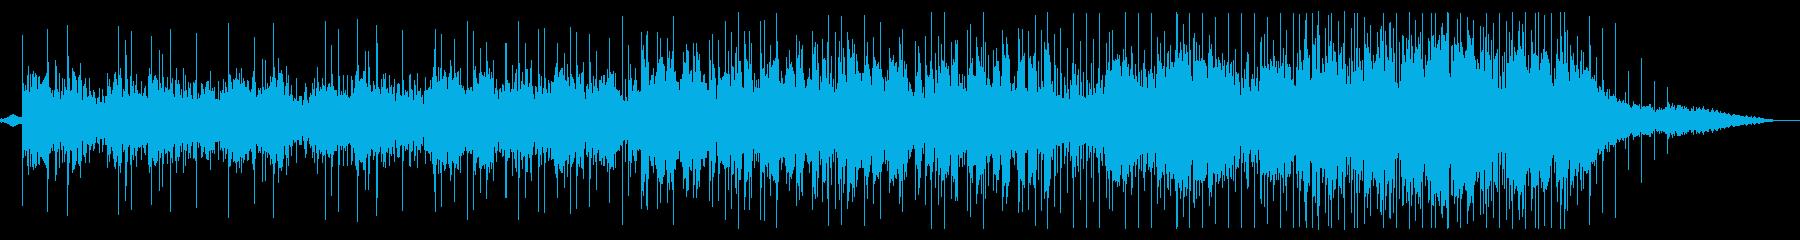 アコースティックチルアウト音楽の再生済みの波形